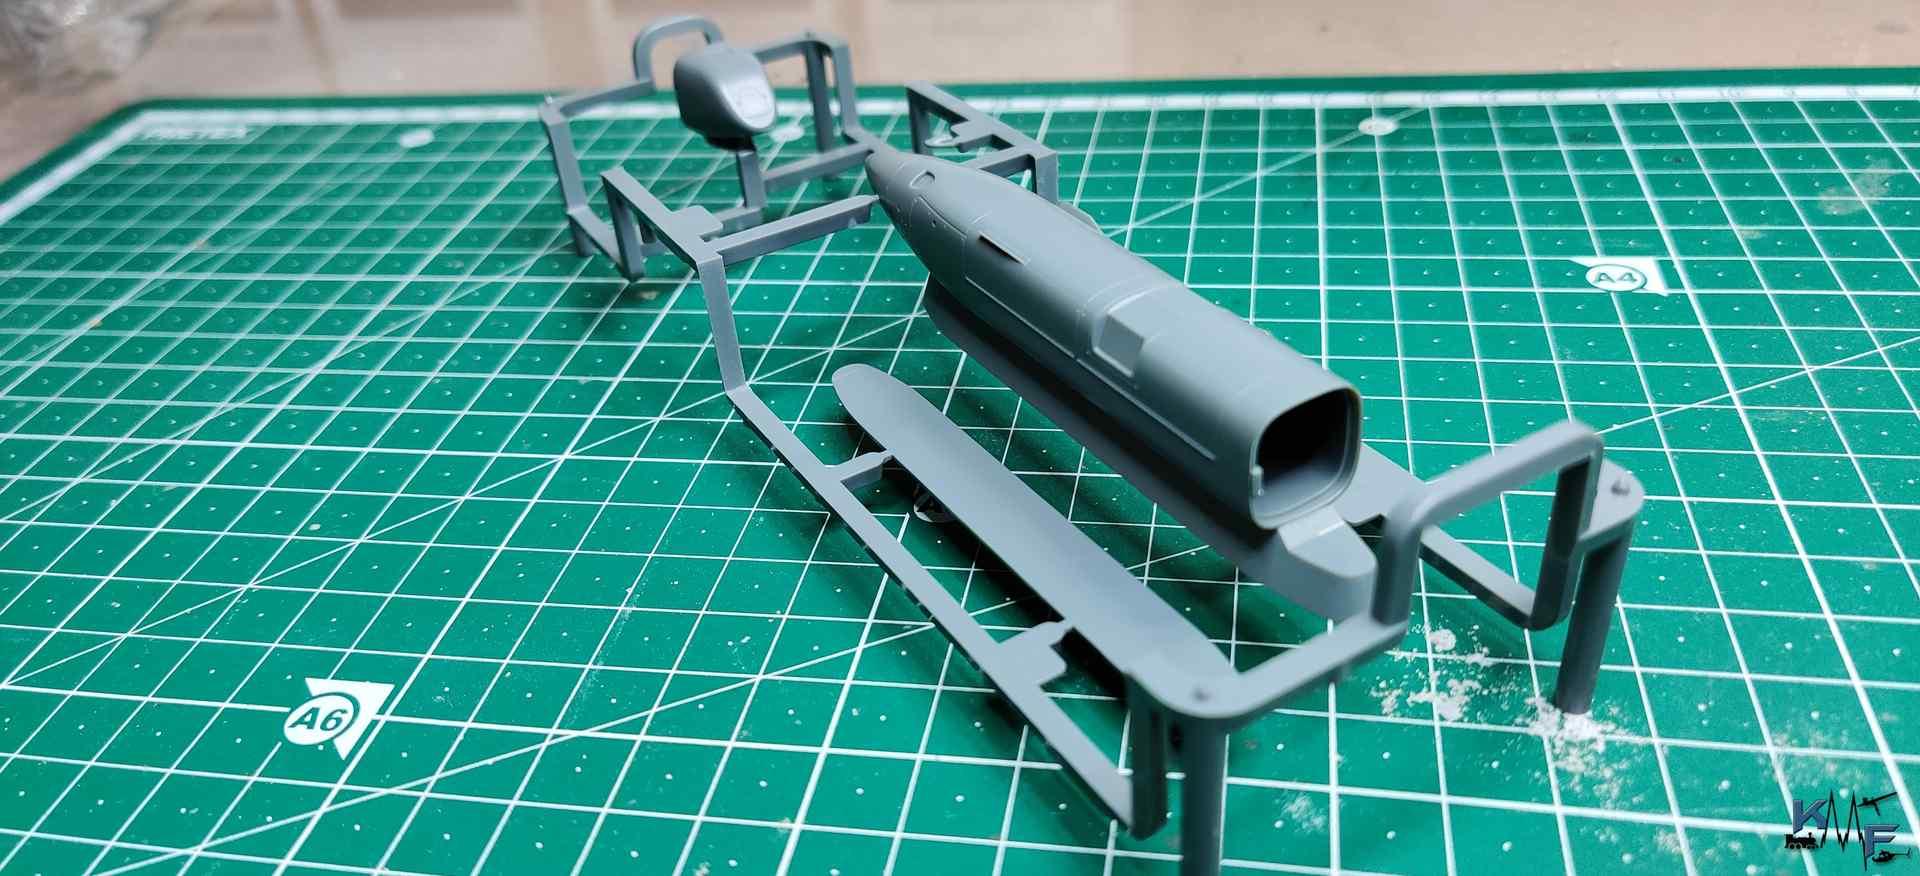 BV-AMK-F-14D_053.jpg